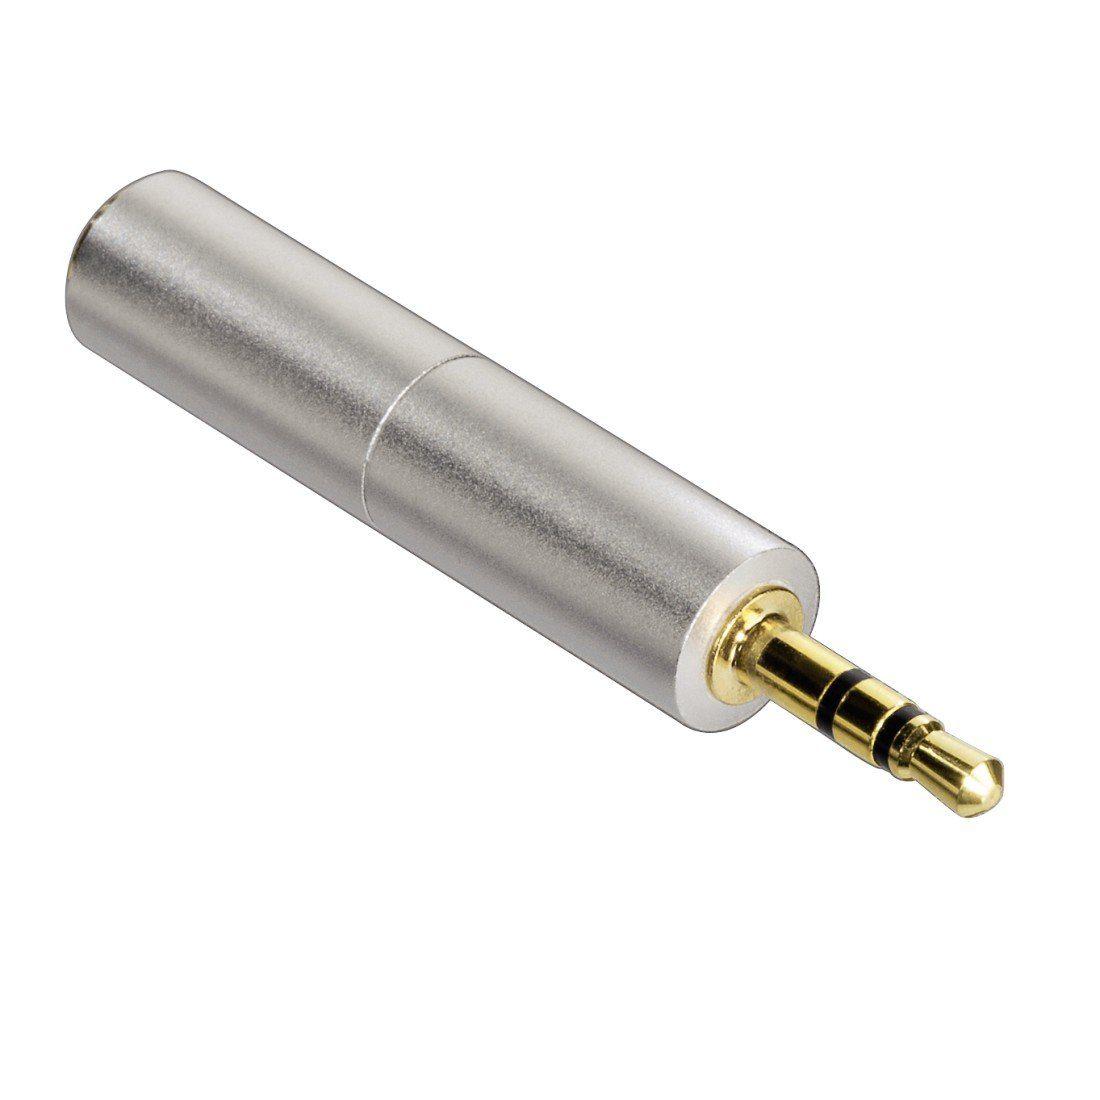 Hama Kompaktadapter AluLine, 2,5-mm-Stecker - 3,5-mm-Kupplung